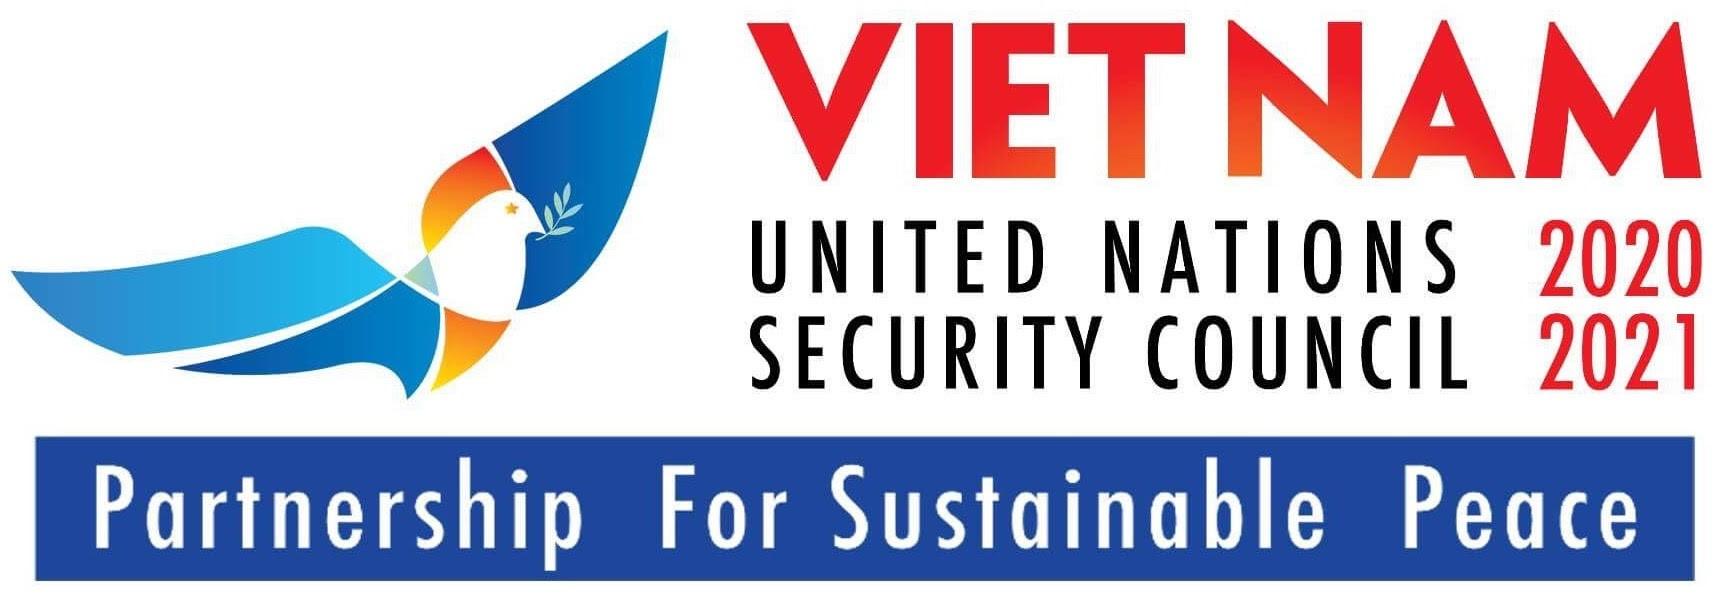 Khẳng định vai trò, tiếng nói của Việt Nam tại Liên hợp quốc